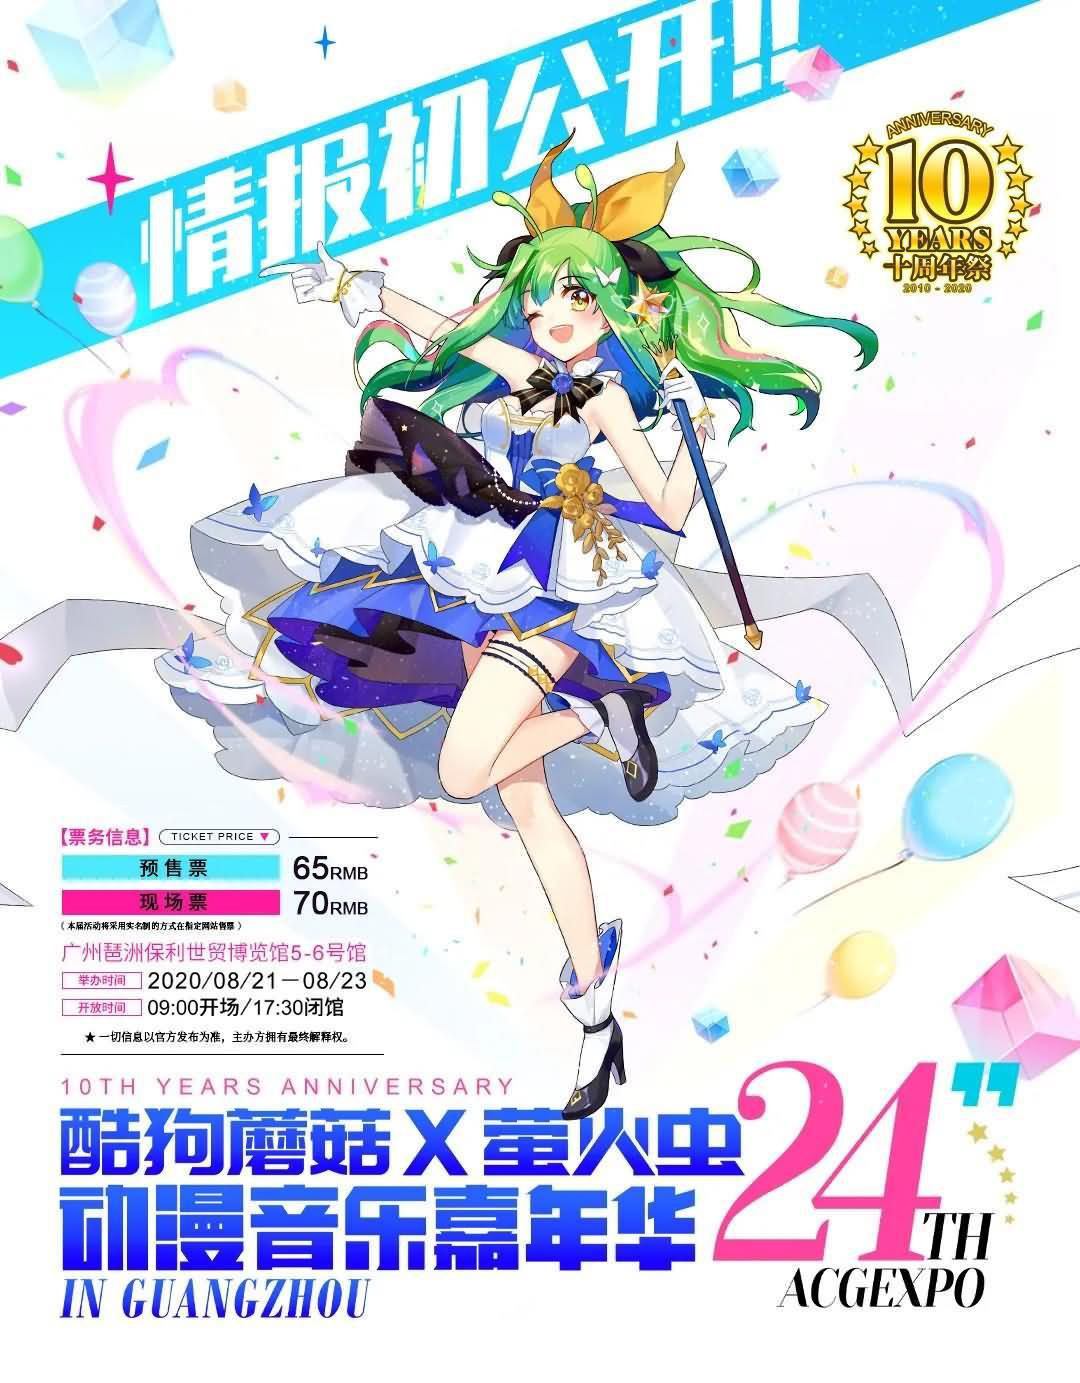 广州萤火虫漫展2020夏季,广州萤火虫漫展2020时间表